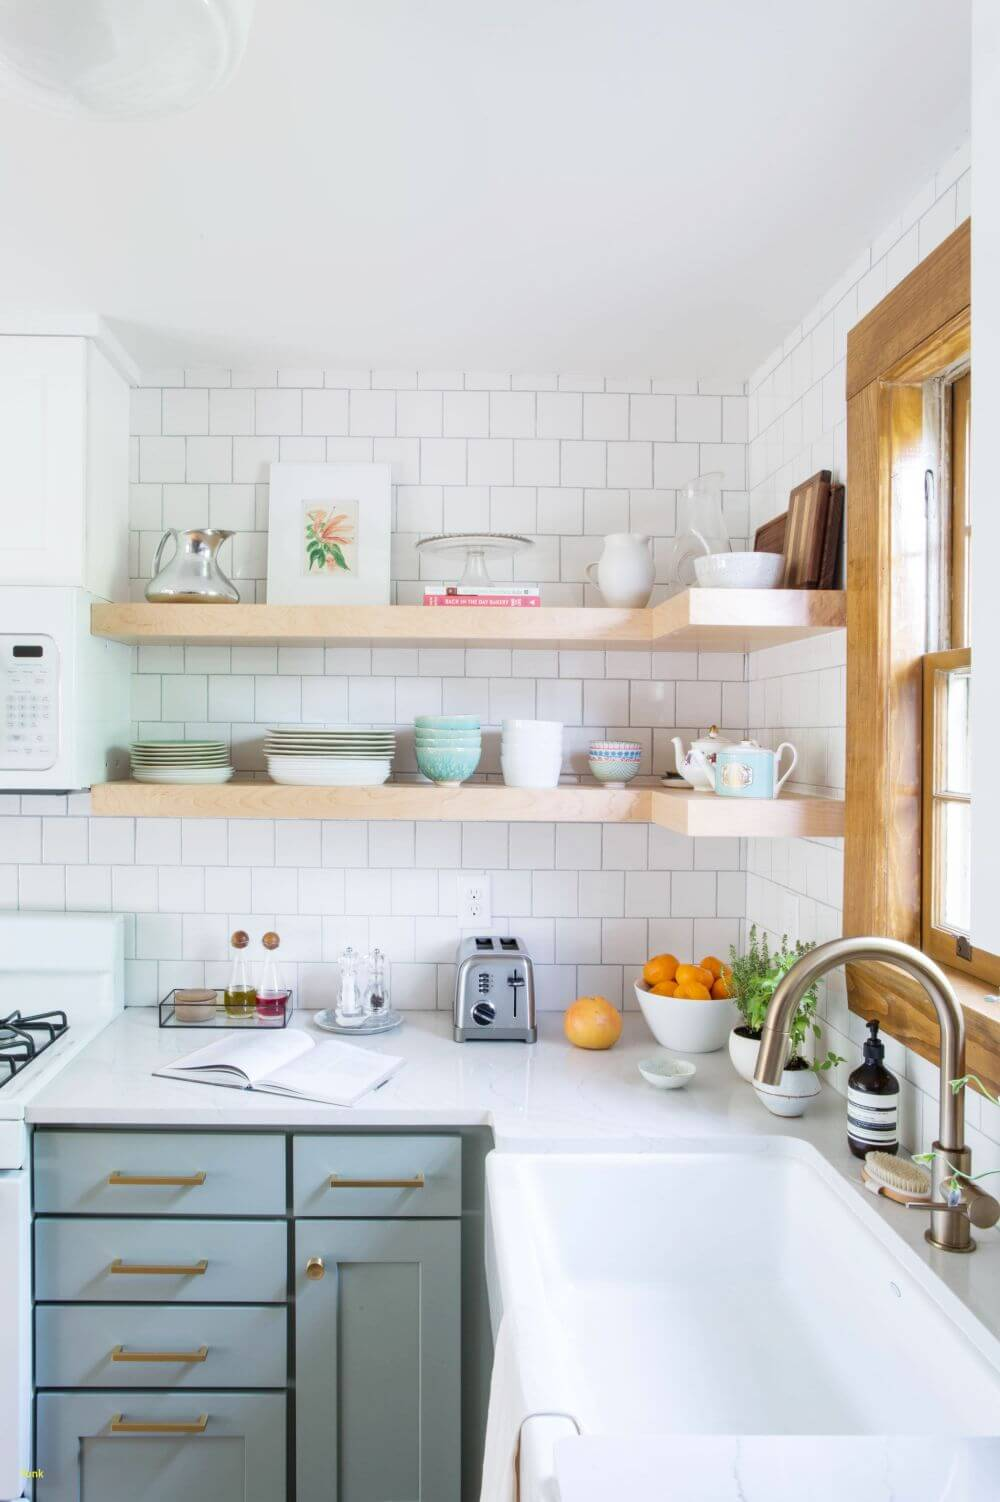 mutfak-acik-raf-modelleri açık mutfak raflarınızı nasıl düzenleyebilirsiniz - mutfak acik raf modelleri 2